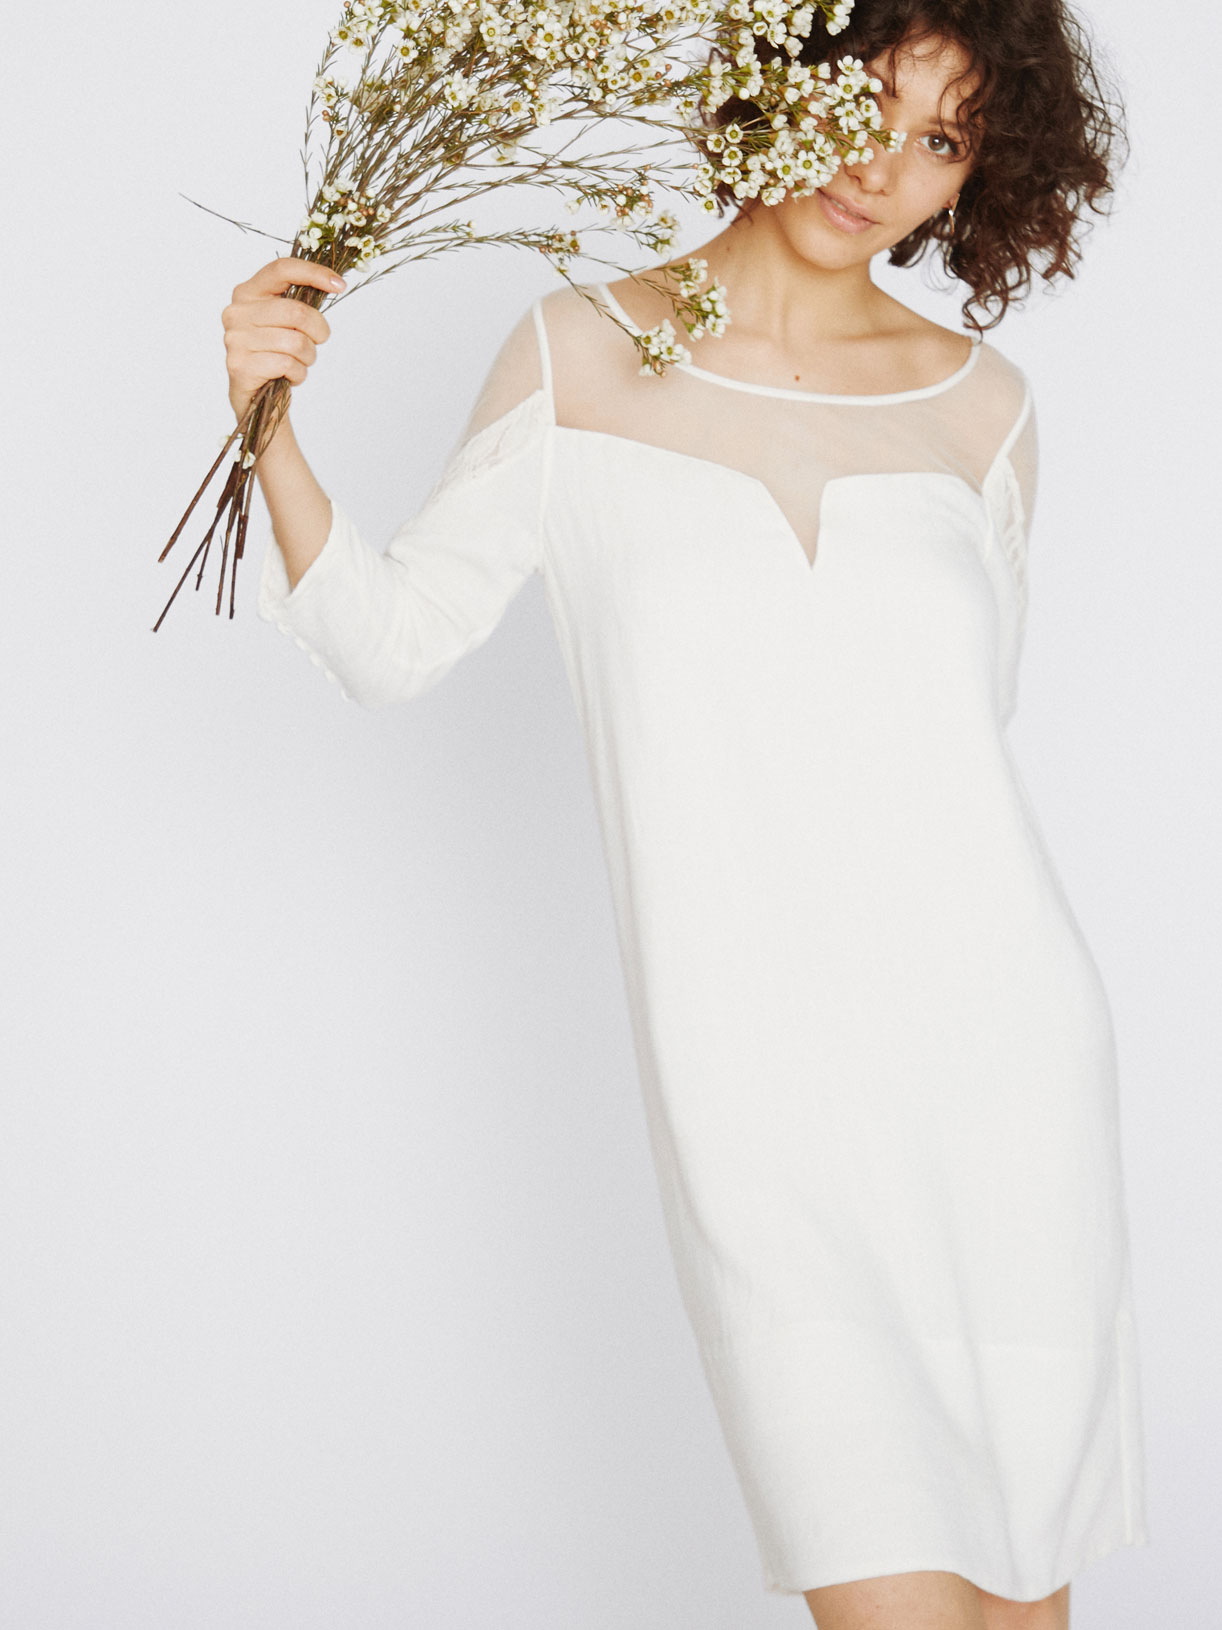 Robe pour mariage civil courte pas cher écoresponsable - Creatrice de robe de mariée éthique et bio a Paris - Myphilosophy